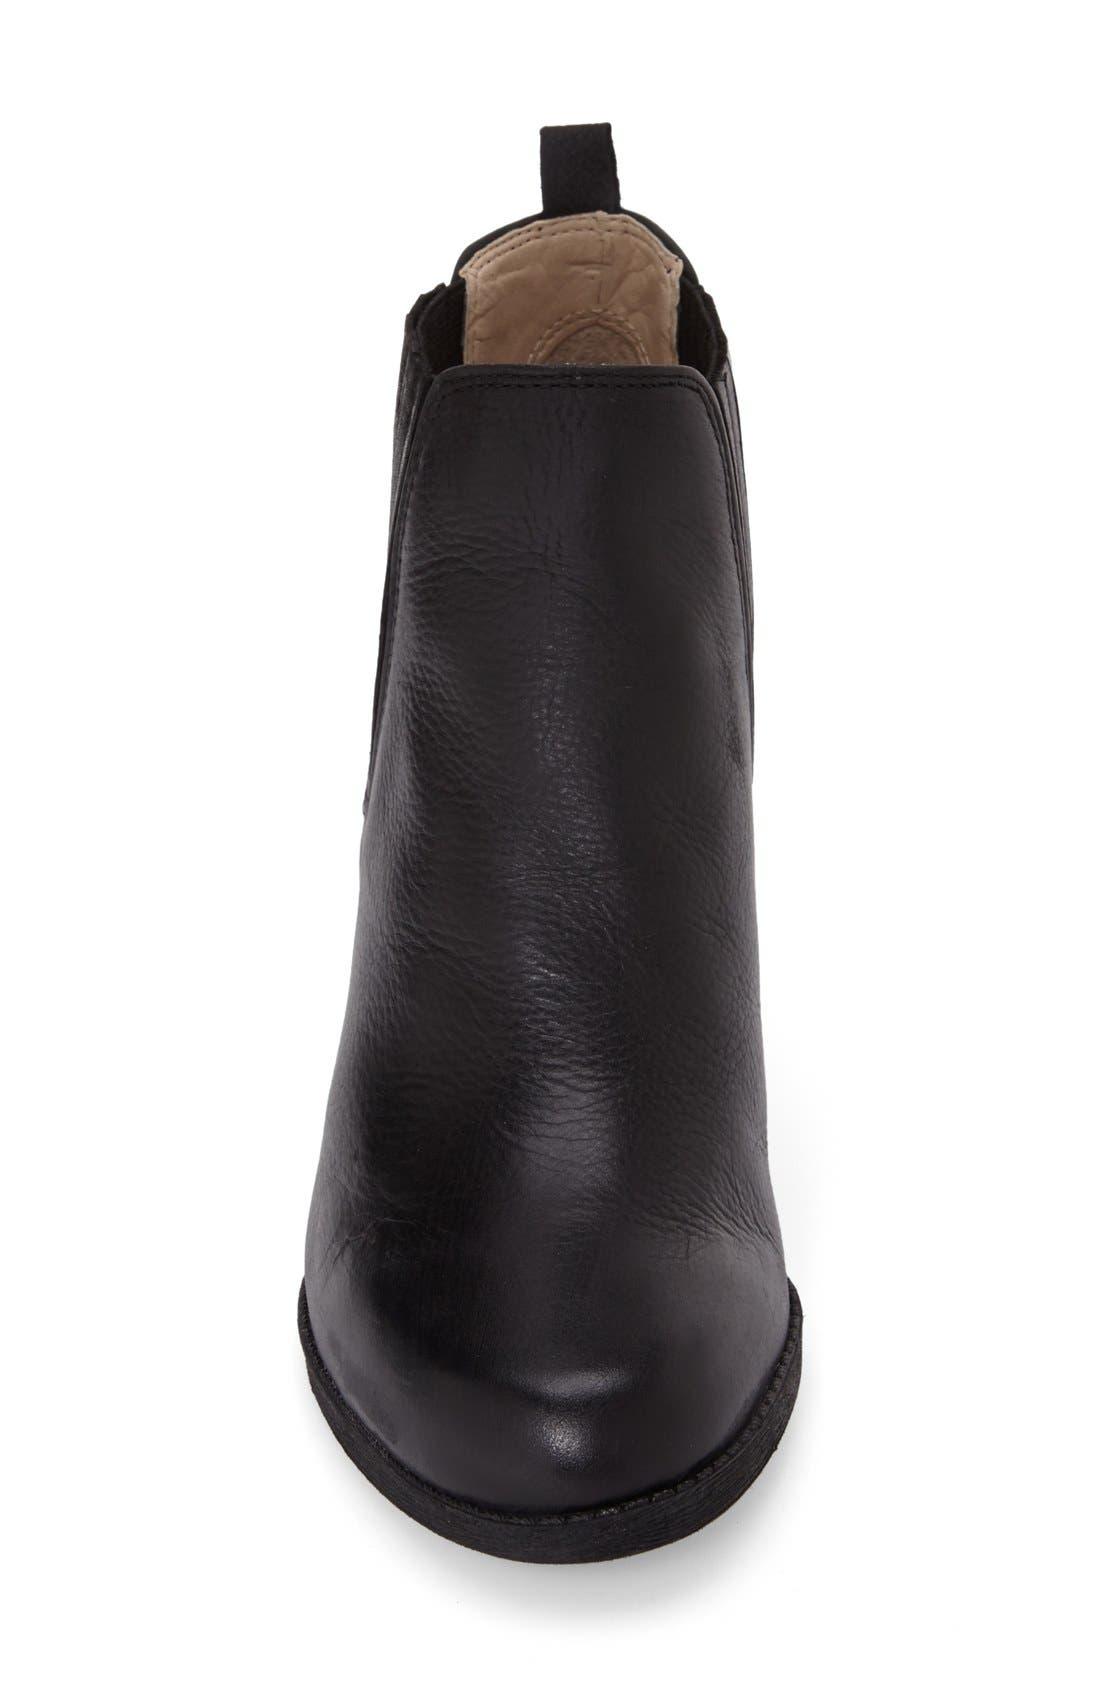 Alternate Image 3  - Dr. Scholl's Original Collection 'London' Block Heel Bootie (Women)